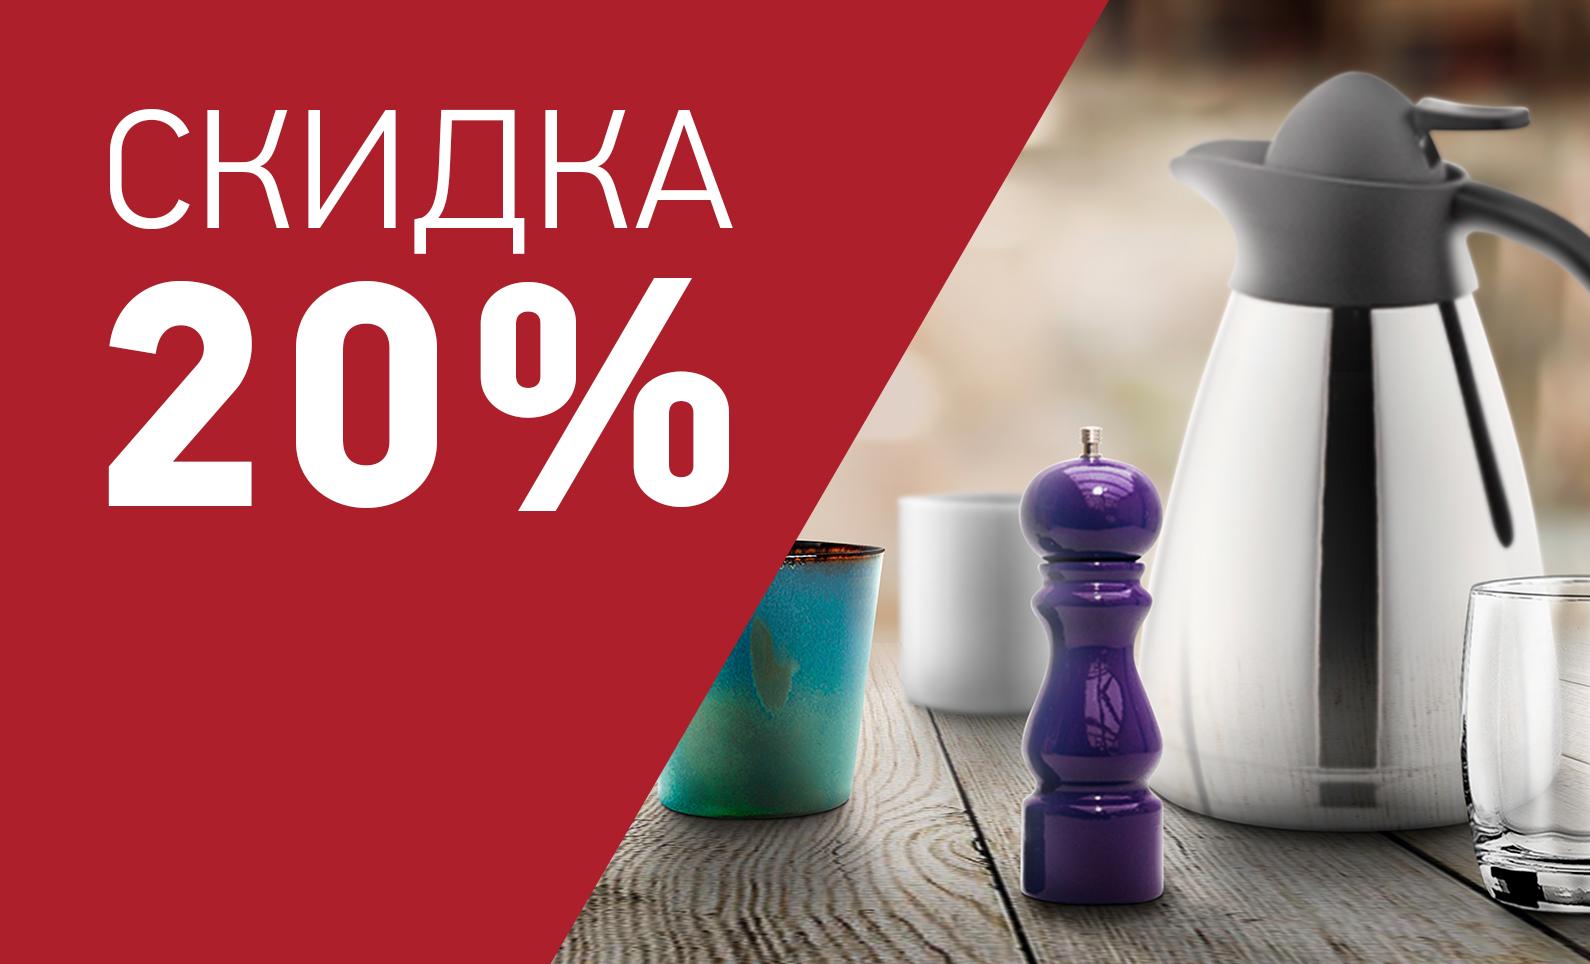 Скидка посуду и предметы сервировки до 20%